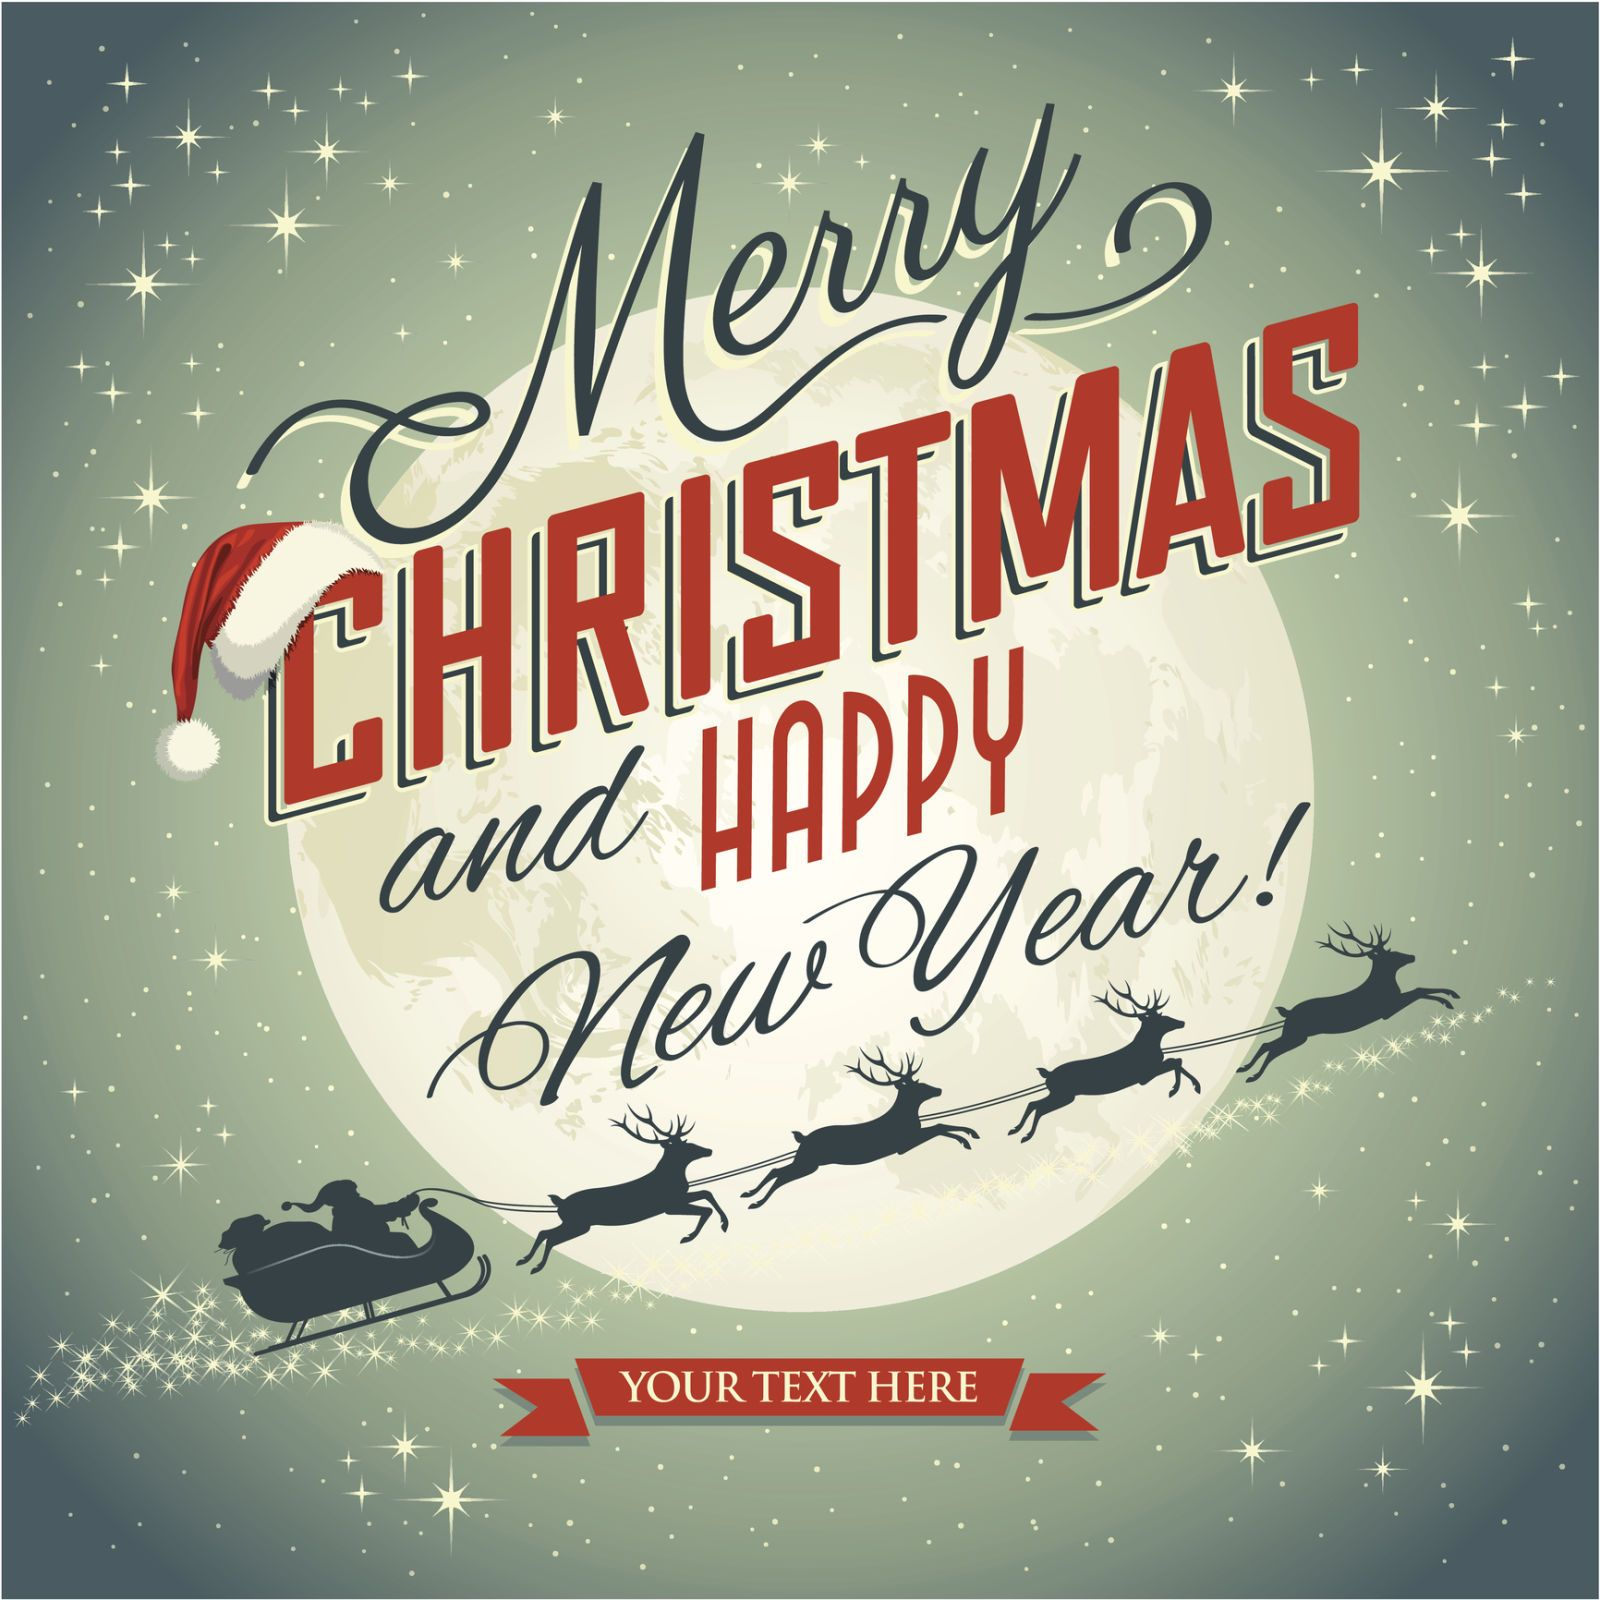 10 Frasi Di Natale.10 Frasi Di Natale Divertenti Per Auguri Simpatici Natale Divertente Biglietti Di Natale Vintage Natale